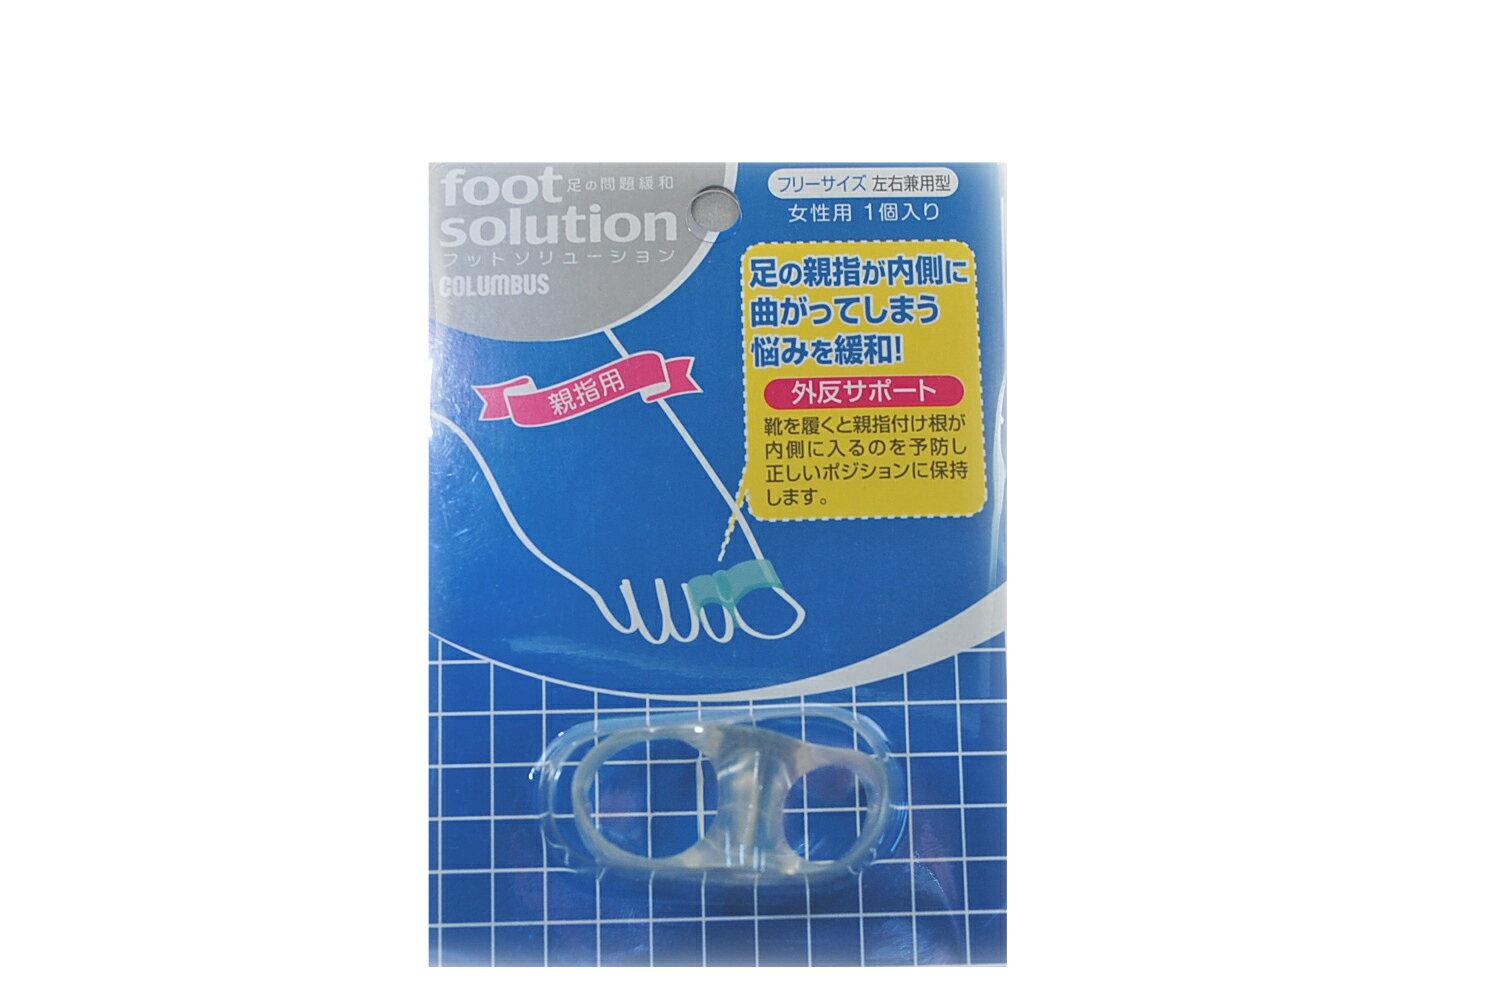 外反サポート 外反母趾予防リング(FS94)